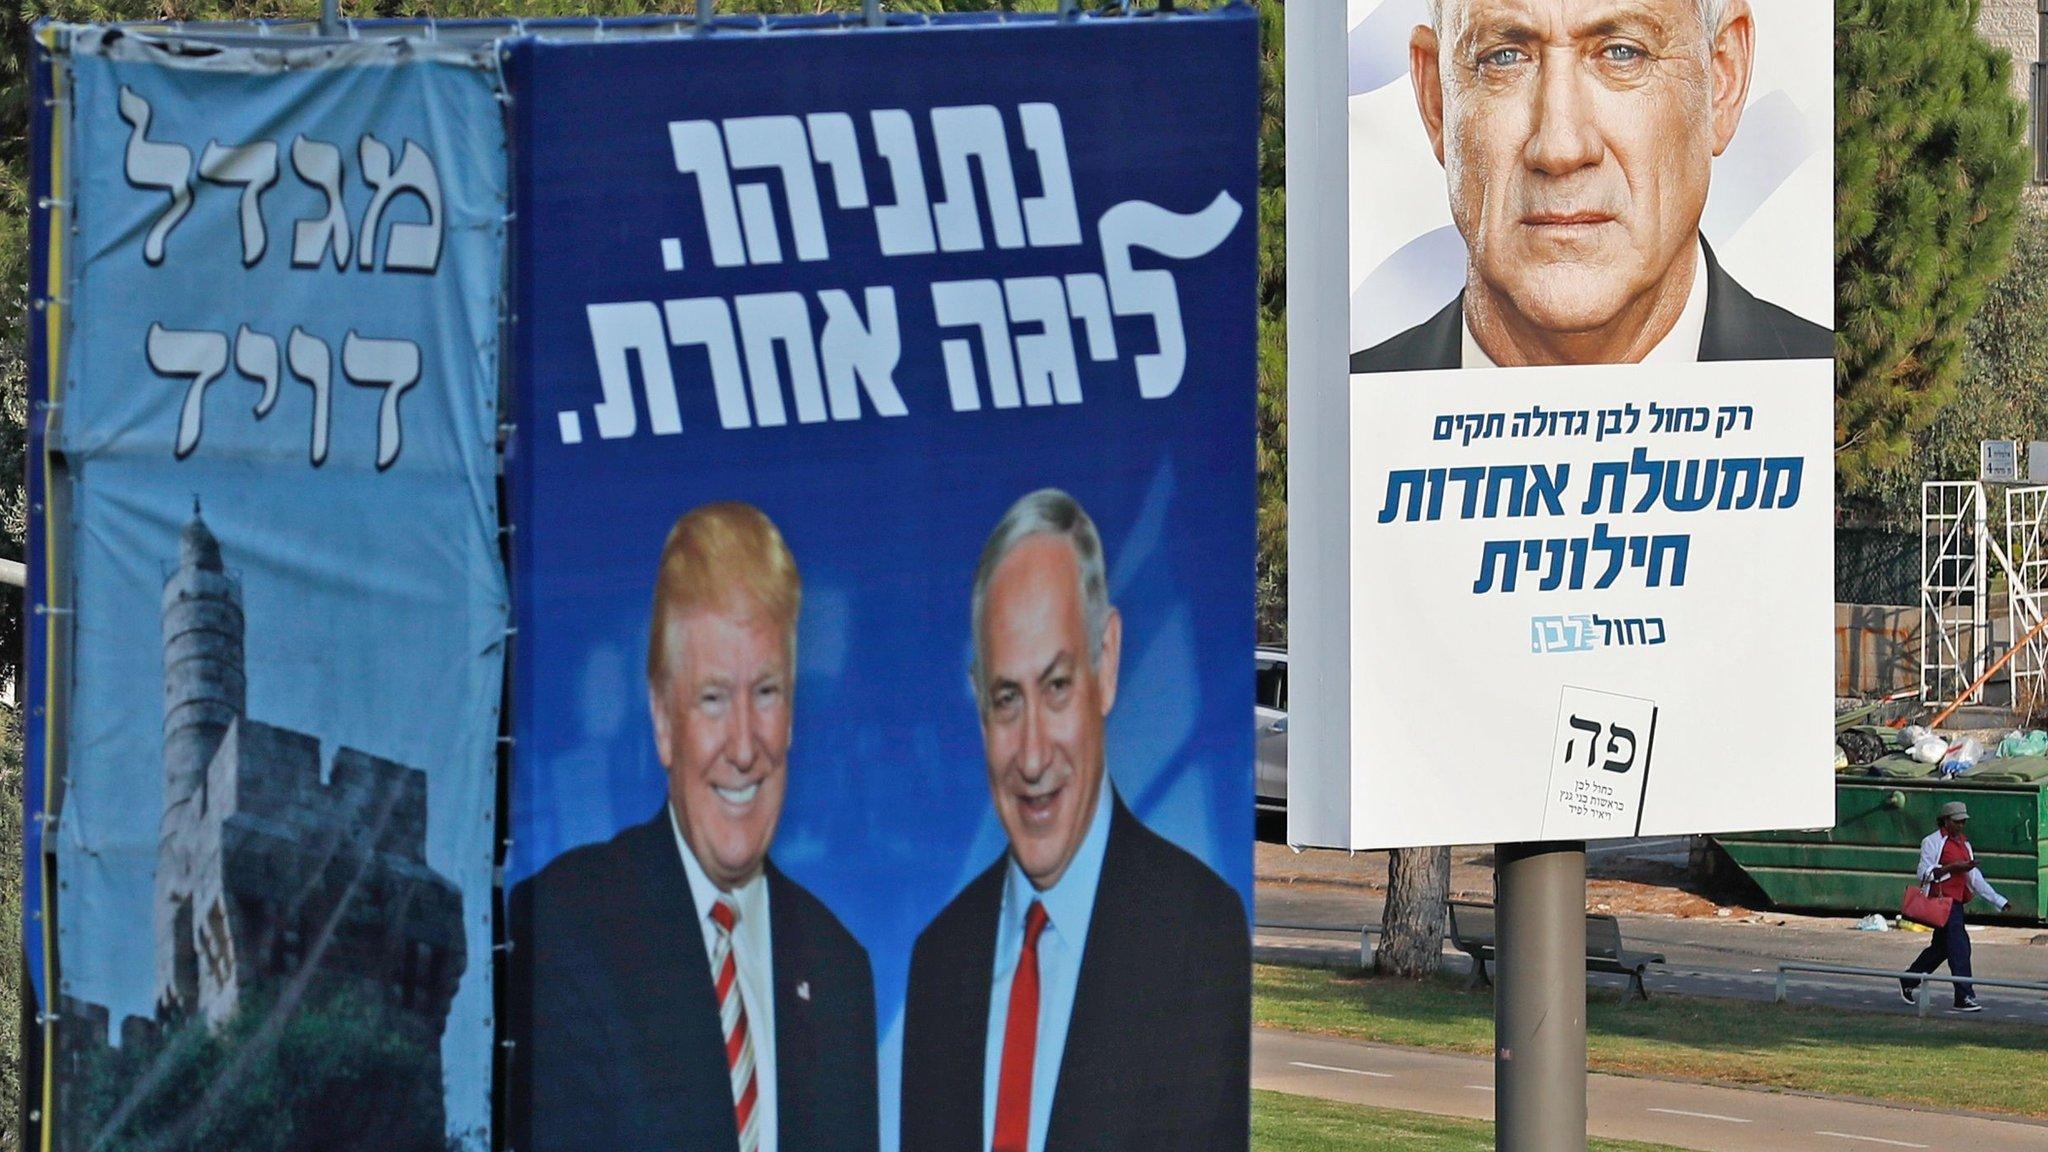 Нетаньяху против экс-главы генштаба: Израиль голосует второй раз за пять месяцев